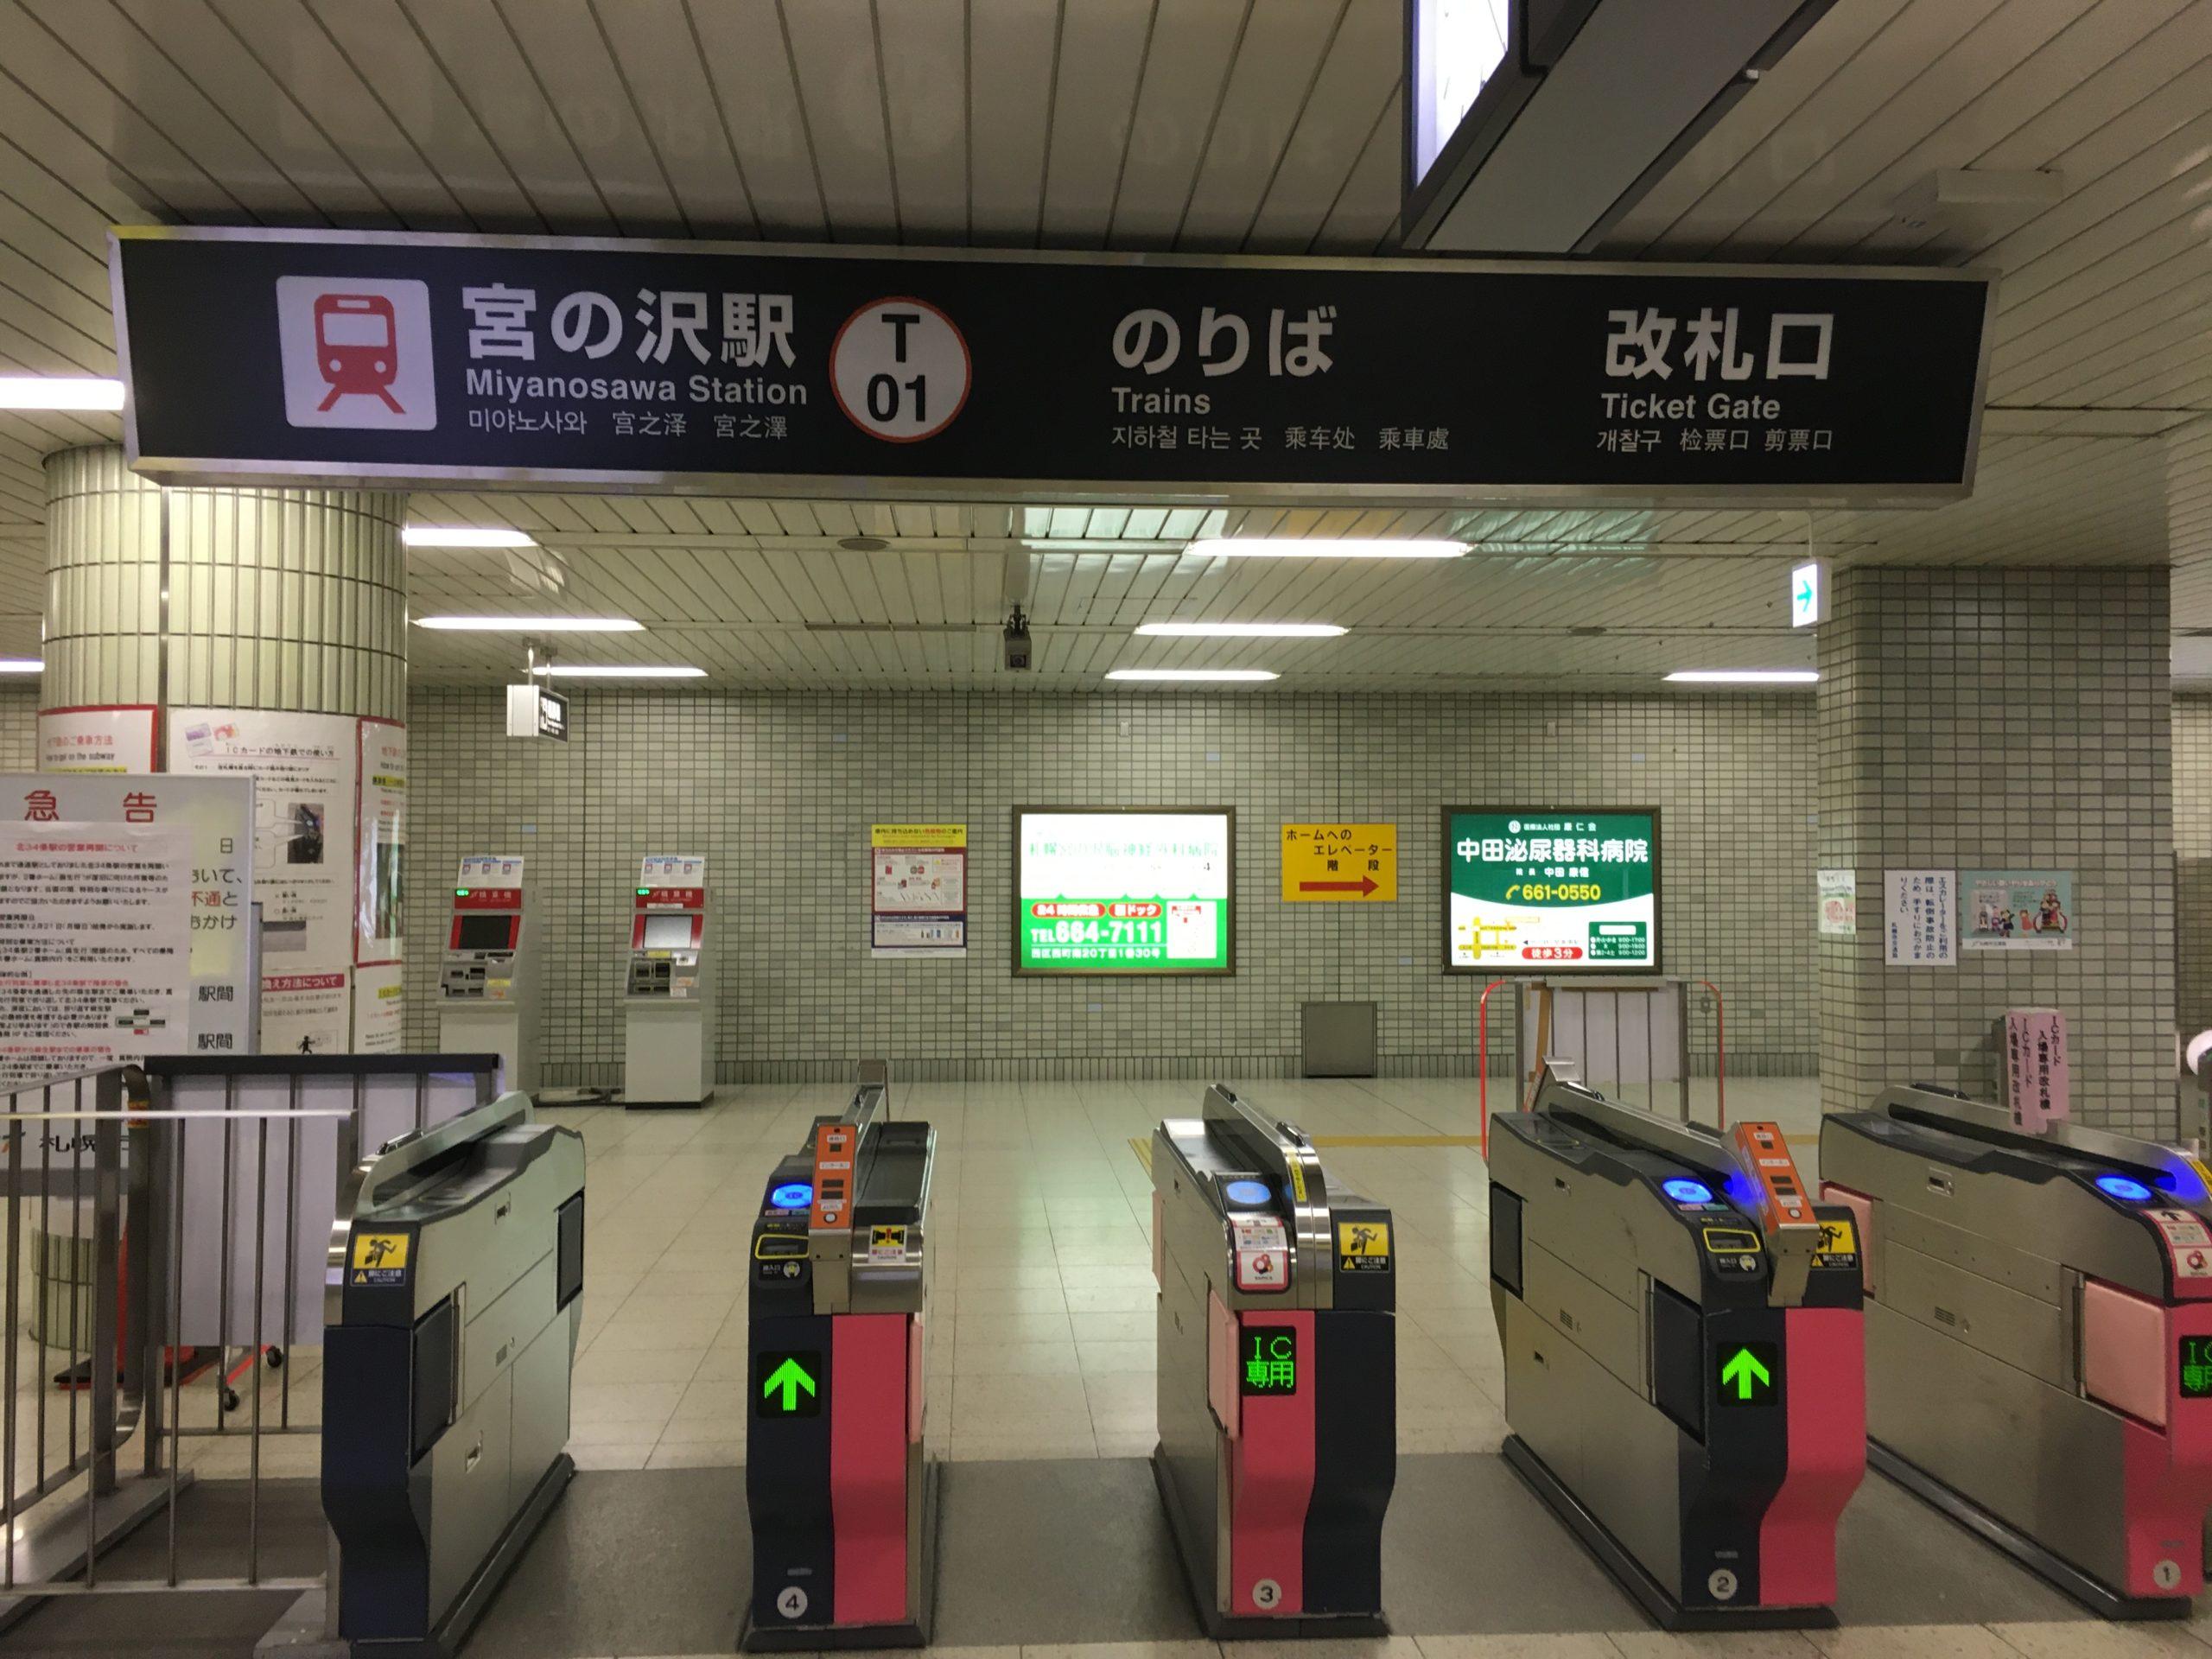 札幌市営地下鉄東西線「宮の沢駅」